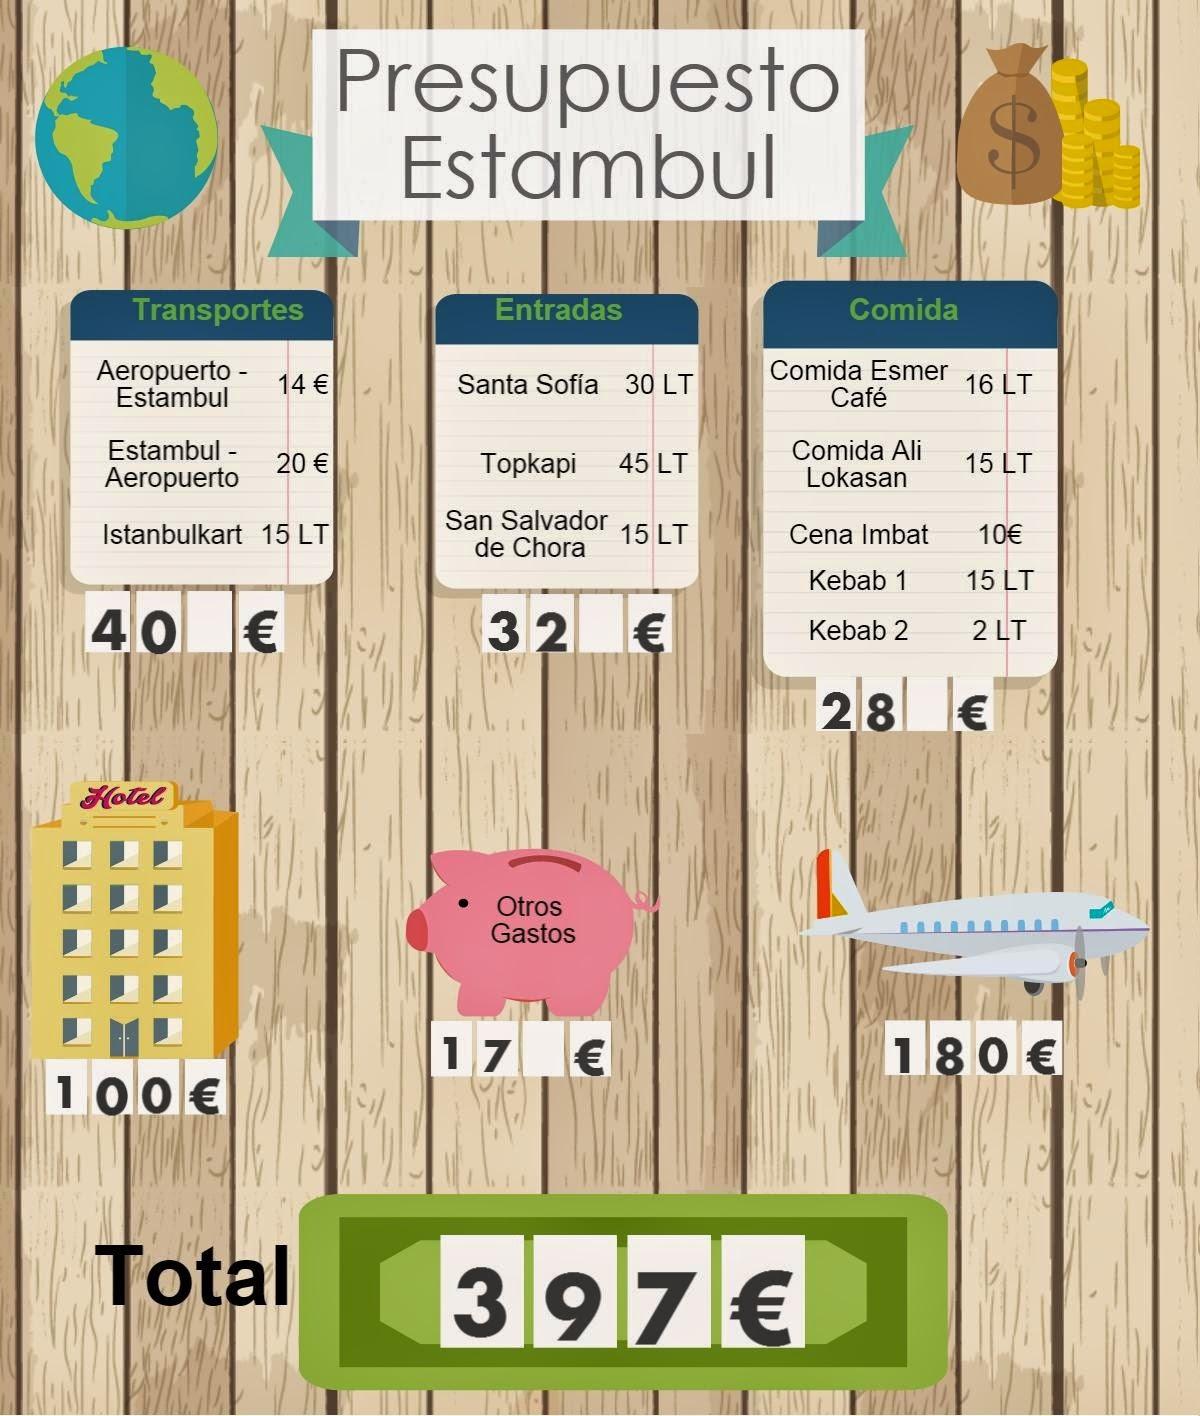 Presupuesto de Estambul